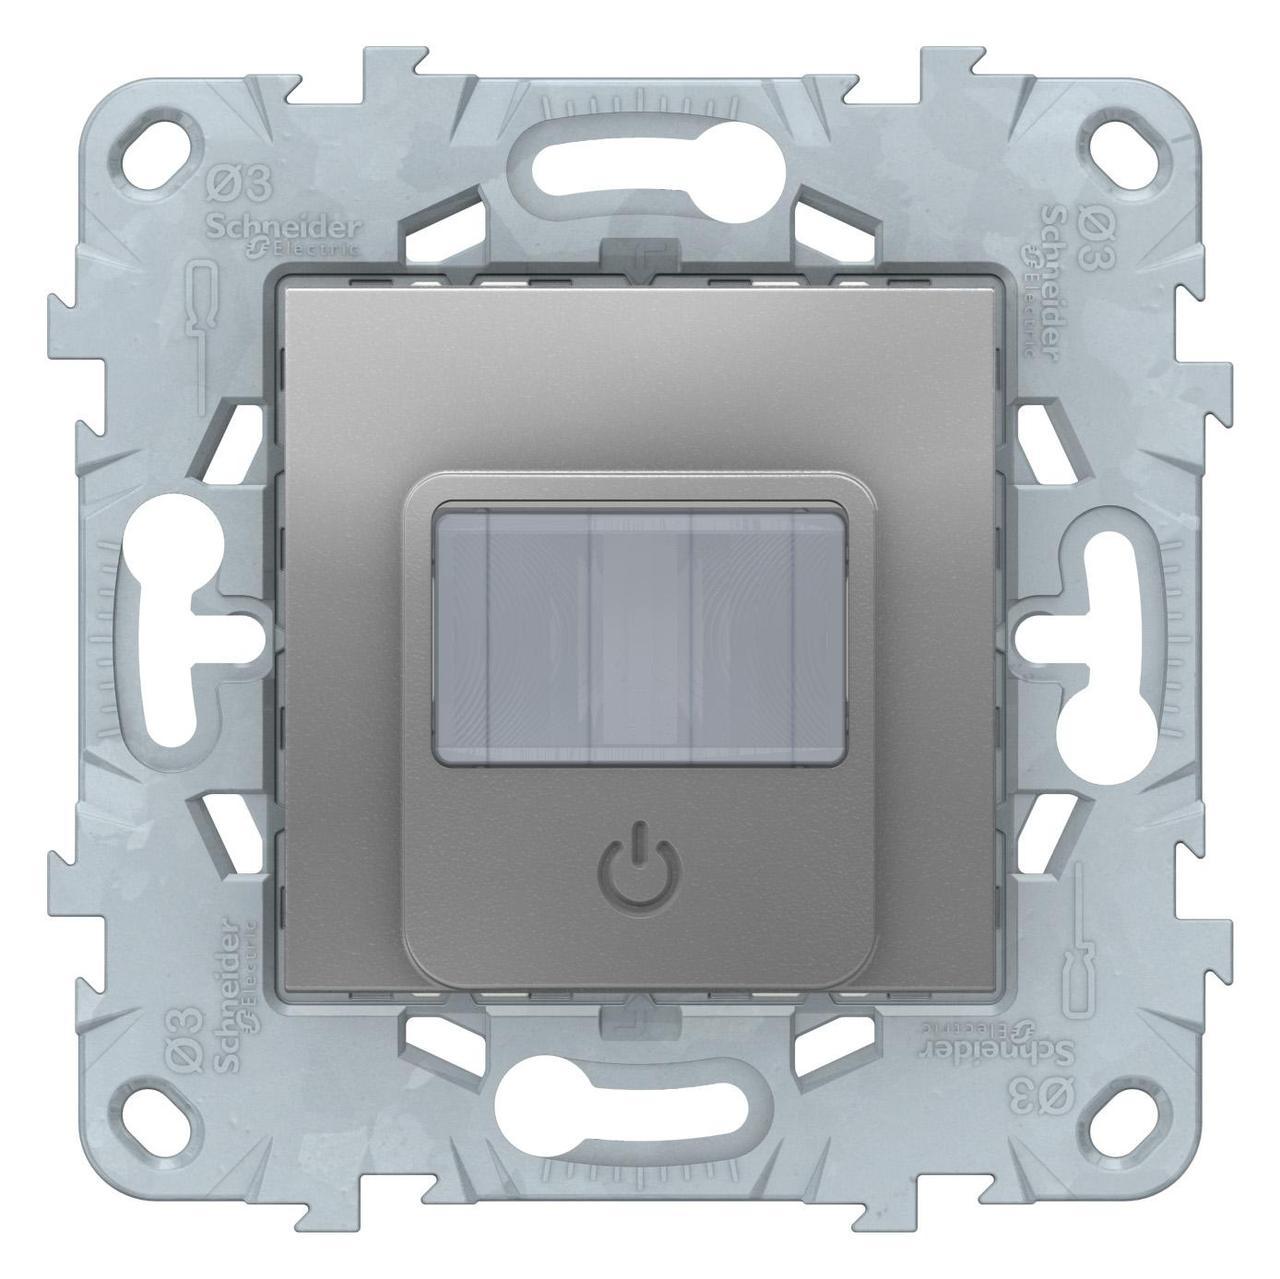 Датчик движения 2300Вт с ручн.упр. 3-х проводная схема, реле , Алюминий, серия Unica New, Schneider Electric